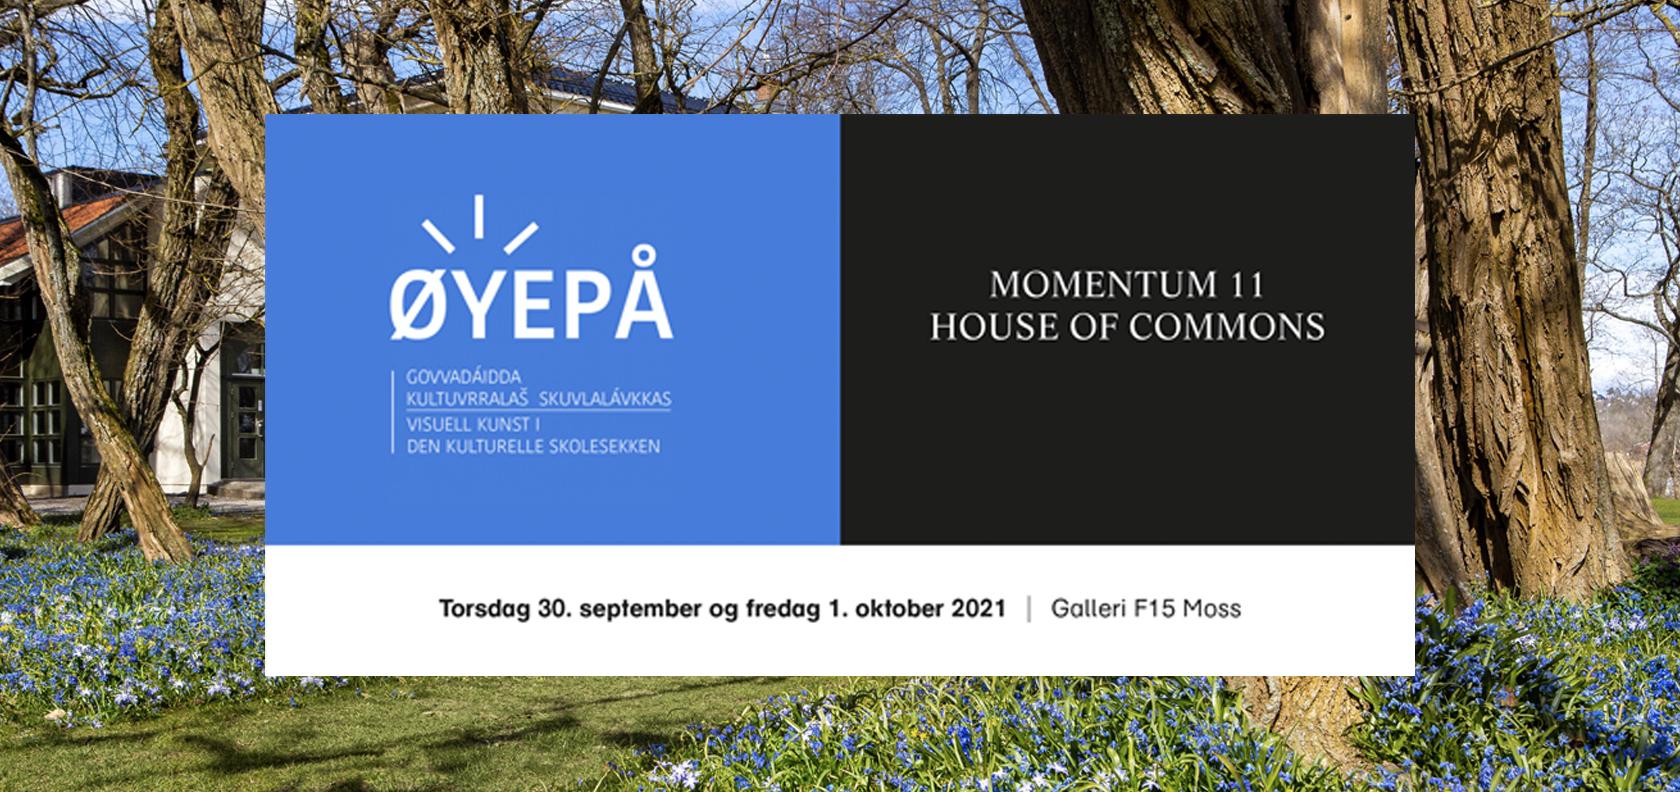 Øyepå Momentum 2021: House of Commons